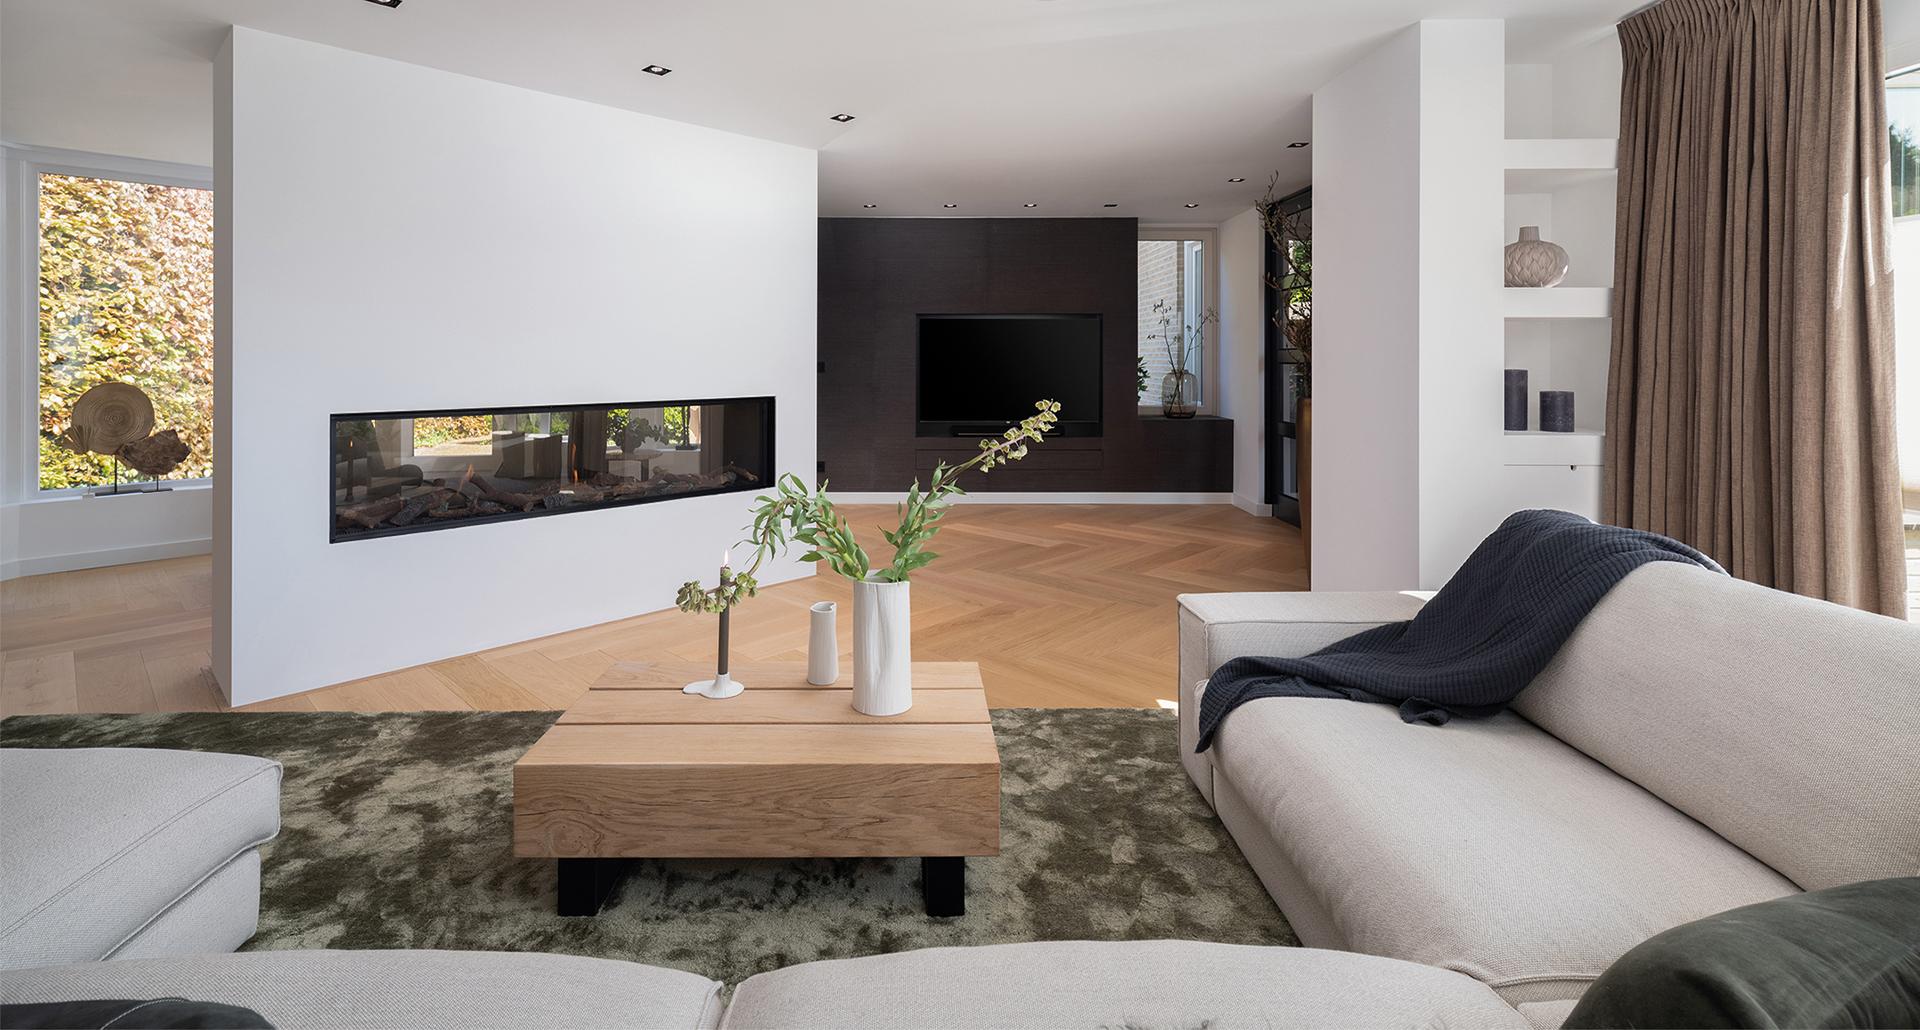 interieurarchitect_mira_ontwerp_huiskamer_interieur_vianen_bank_gashaard_maatwerkmeubels_carpetlinq_cartelliving